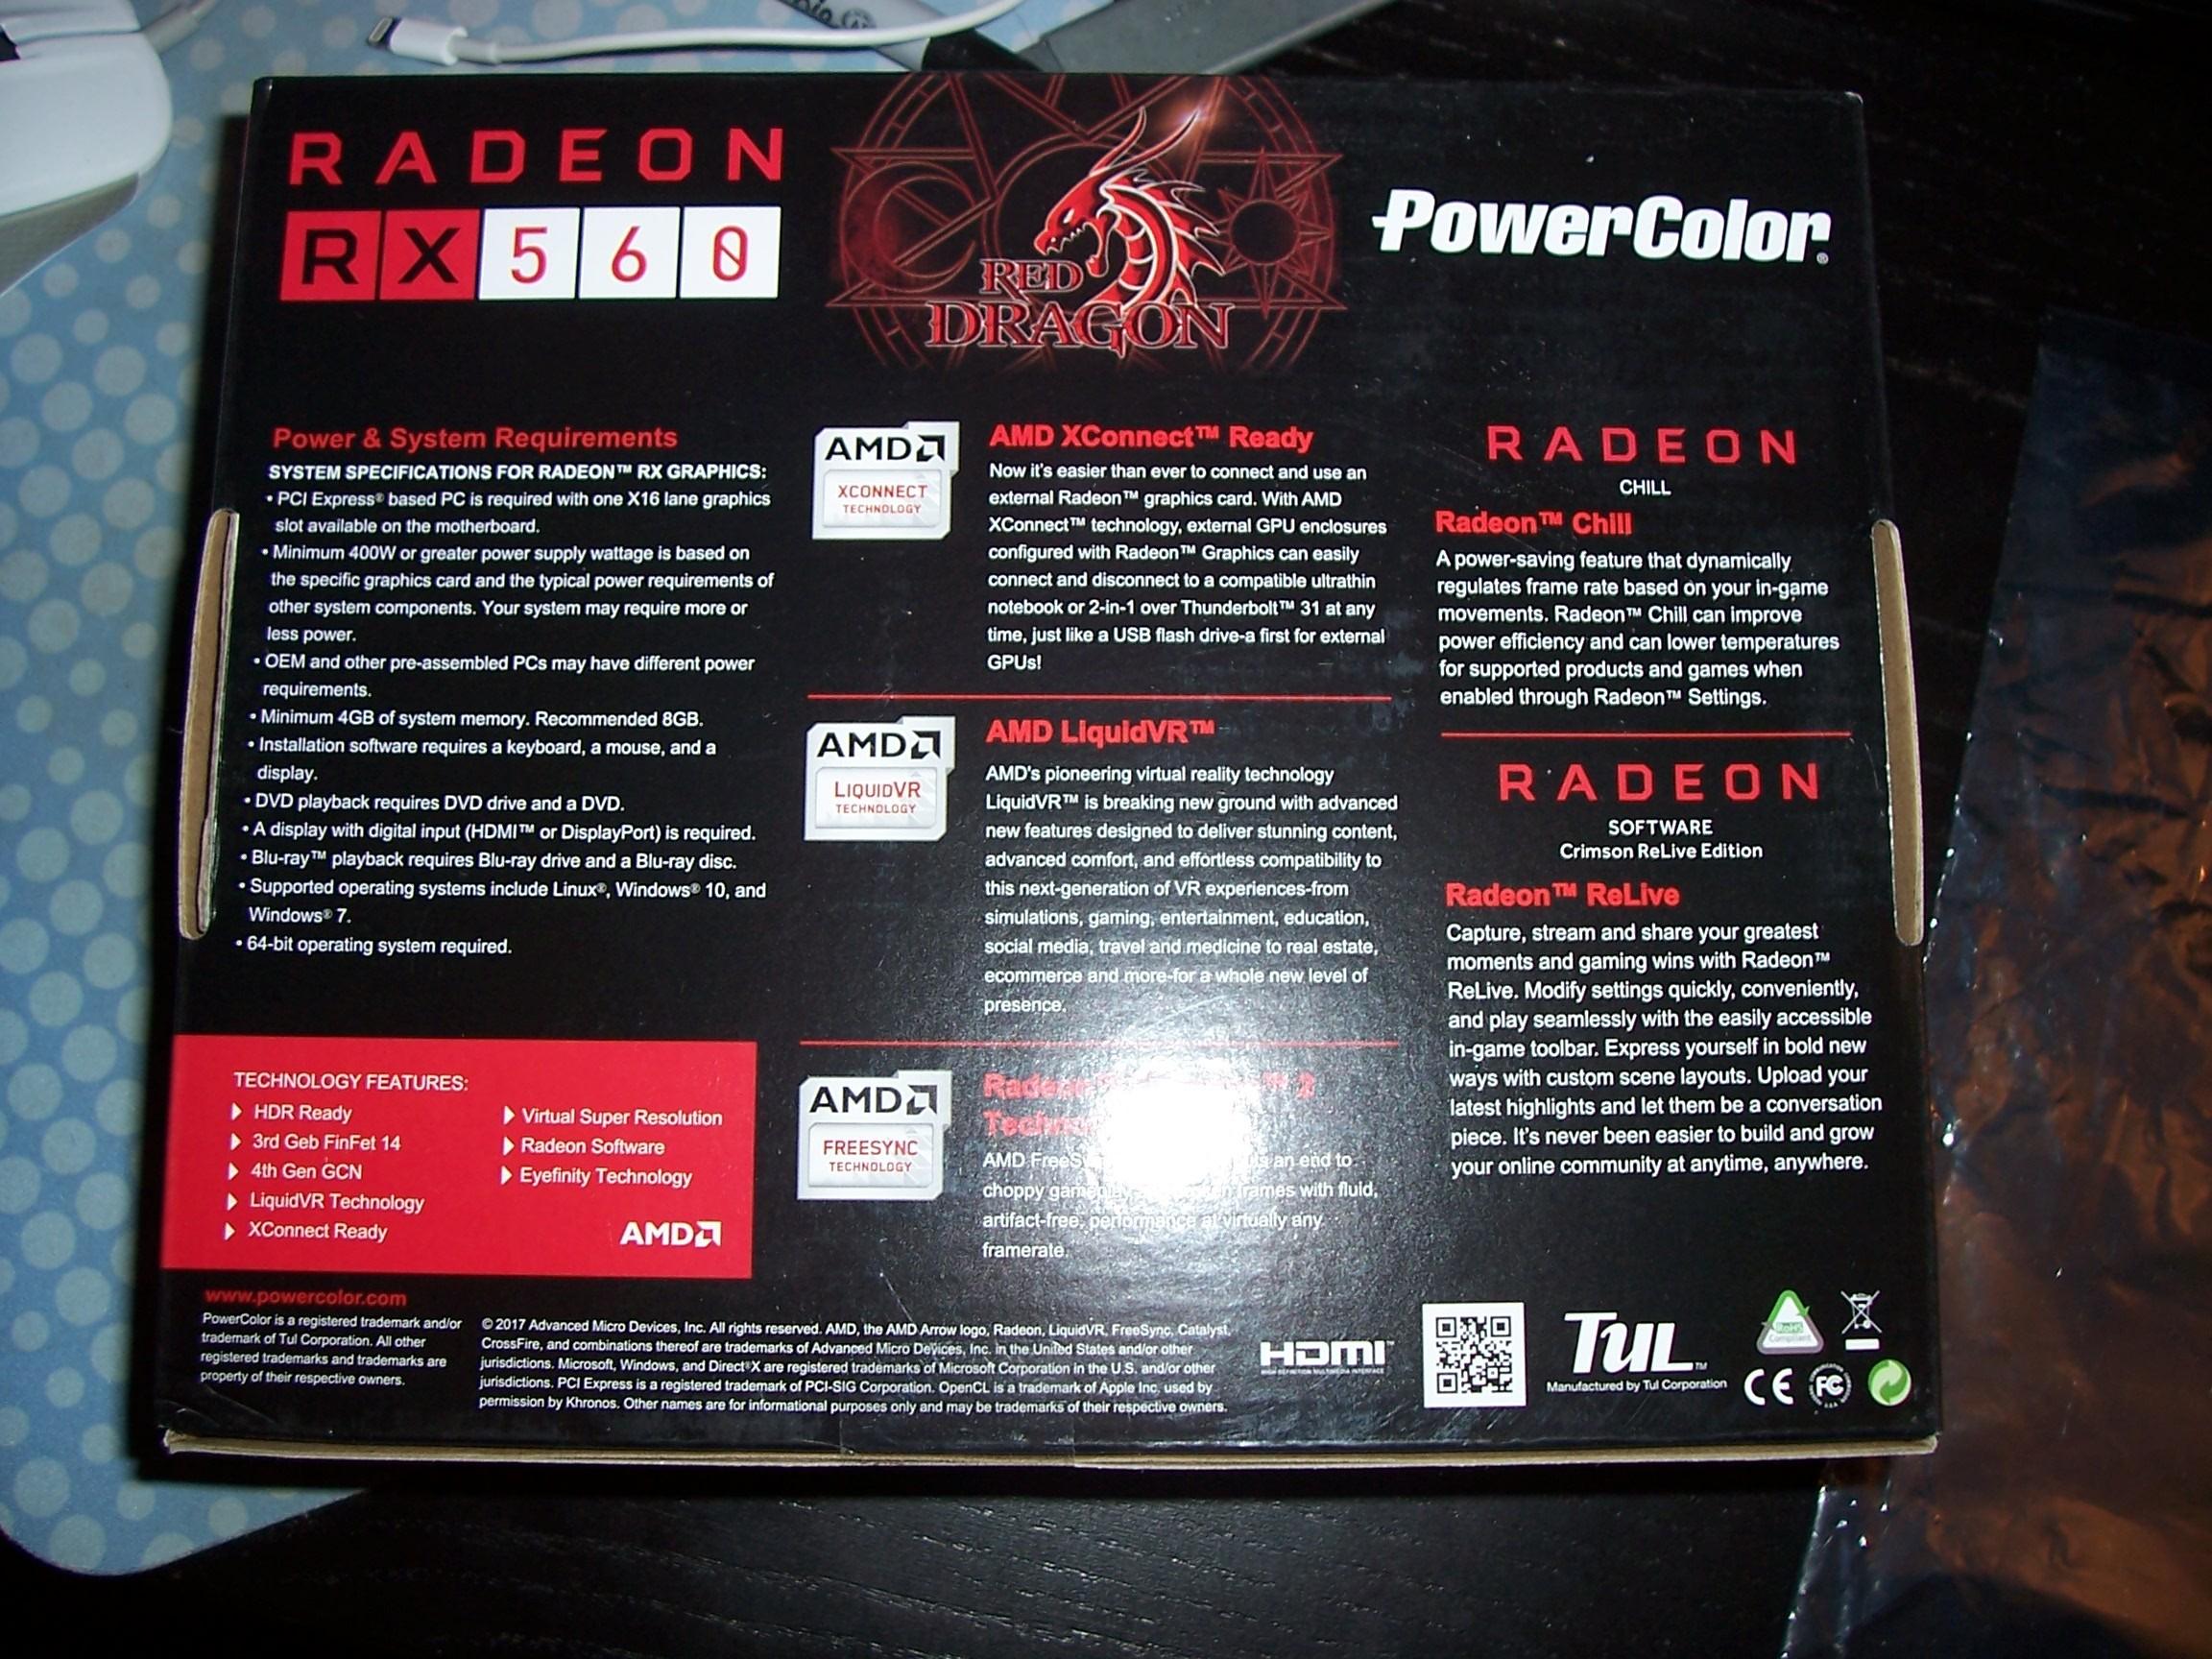 Powercolor Radeon RX 560 4GB Red Dragon AXRX 560 4GBD5-DHV2